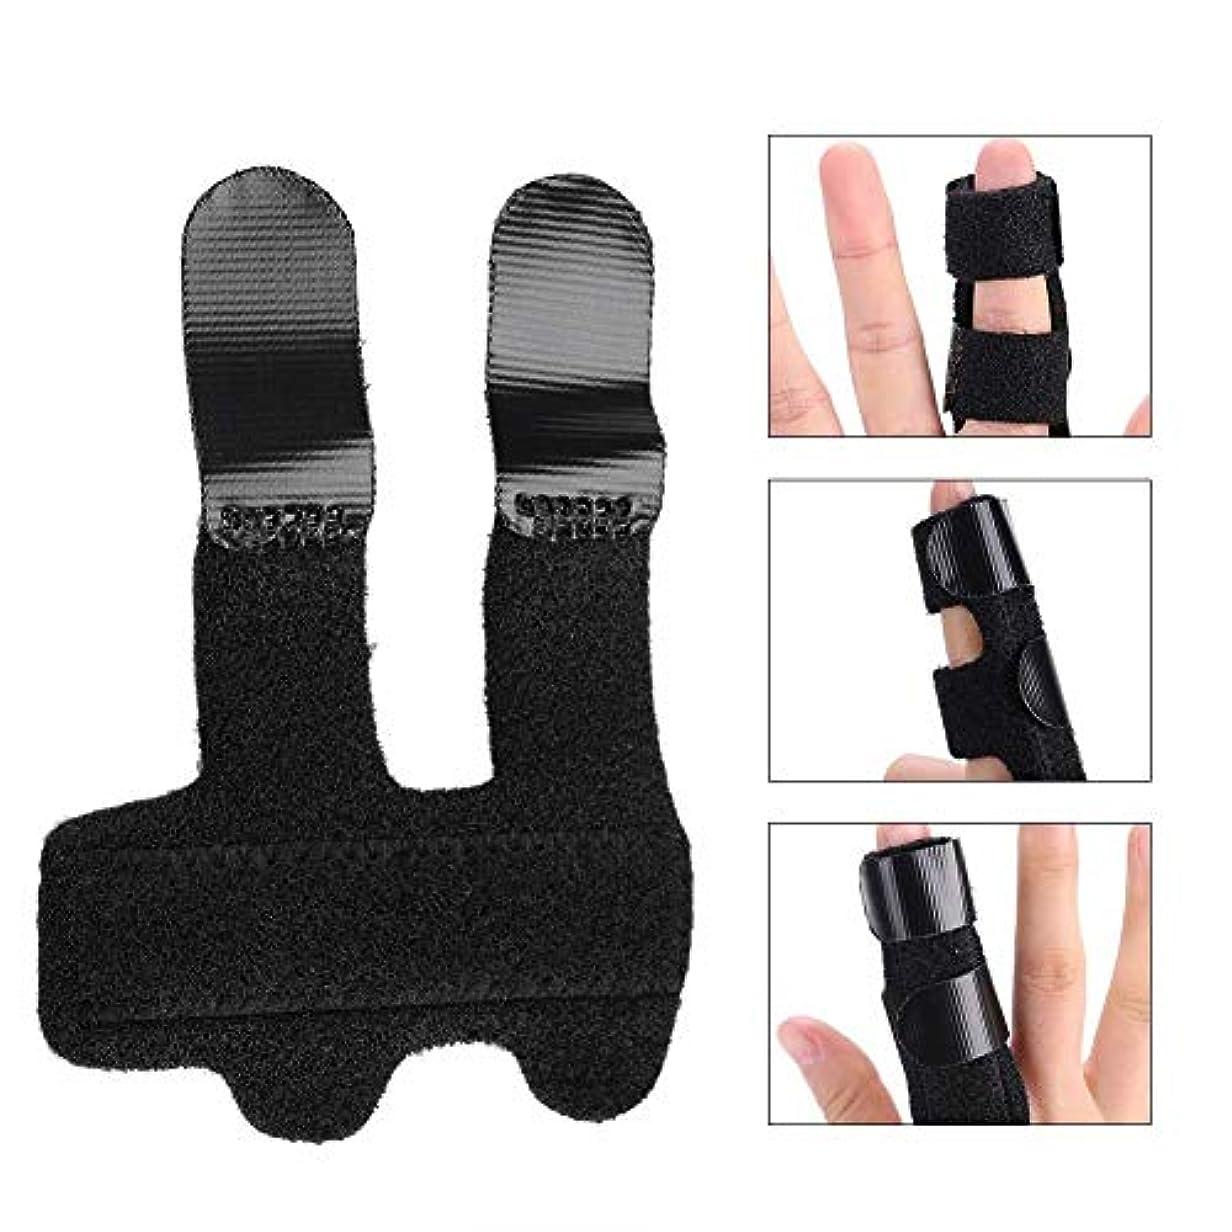 検閲色合い該当するフィンガー剛性、変形性関節症、捻挫指の関節の痛みを軽減するためのばね指スプリント、指拡張添え木指ブレース/指矯正ブレース/ばね指サポーター